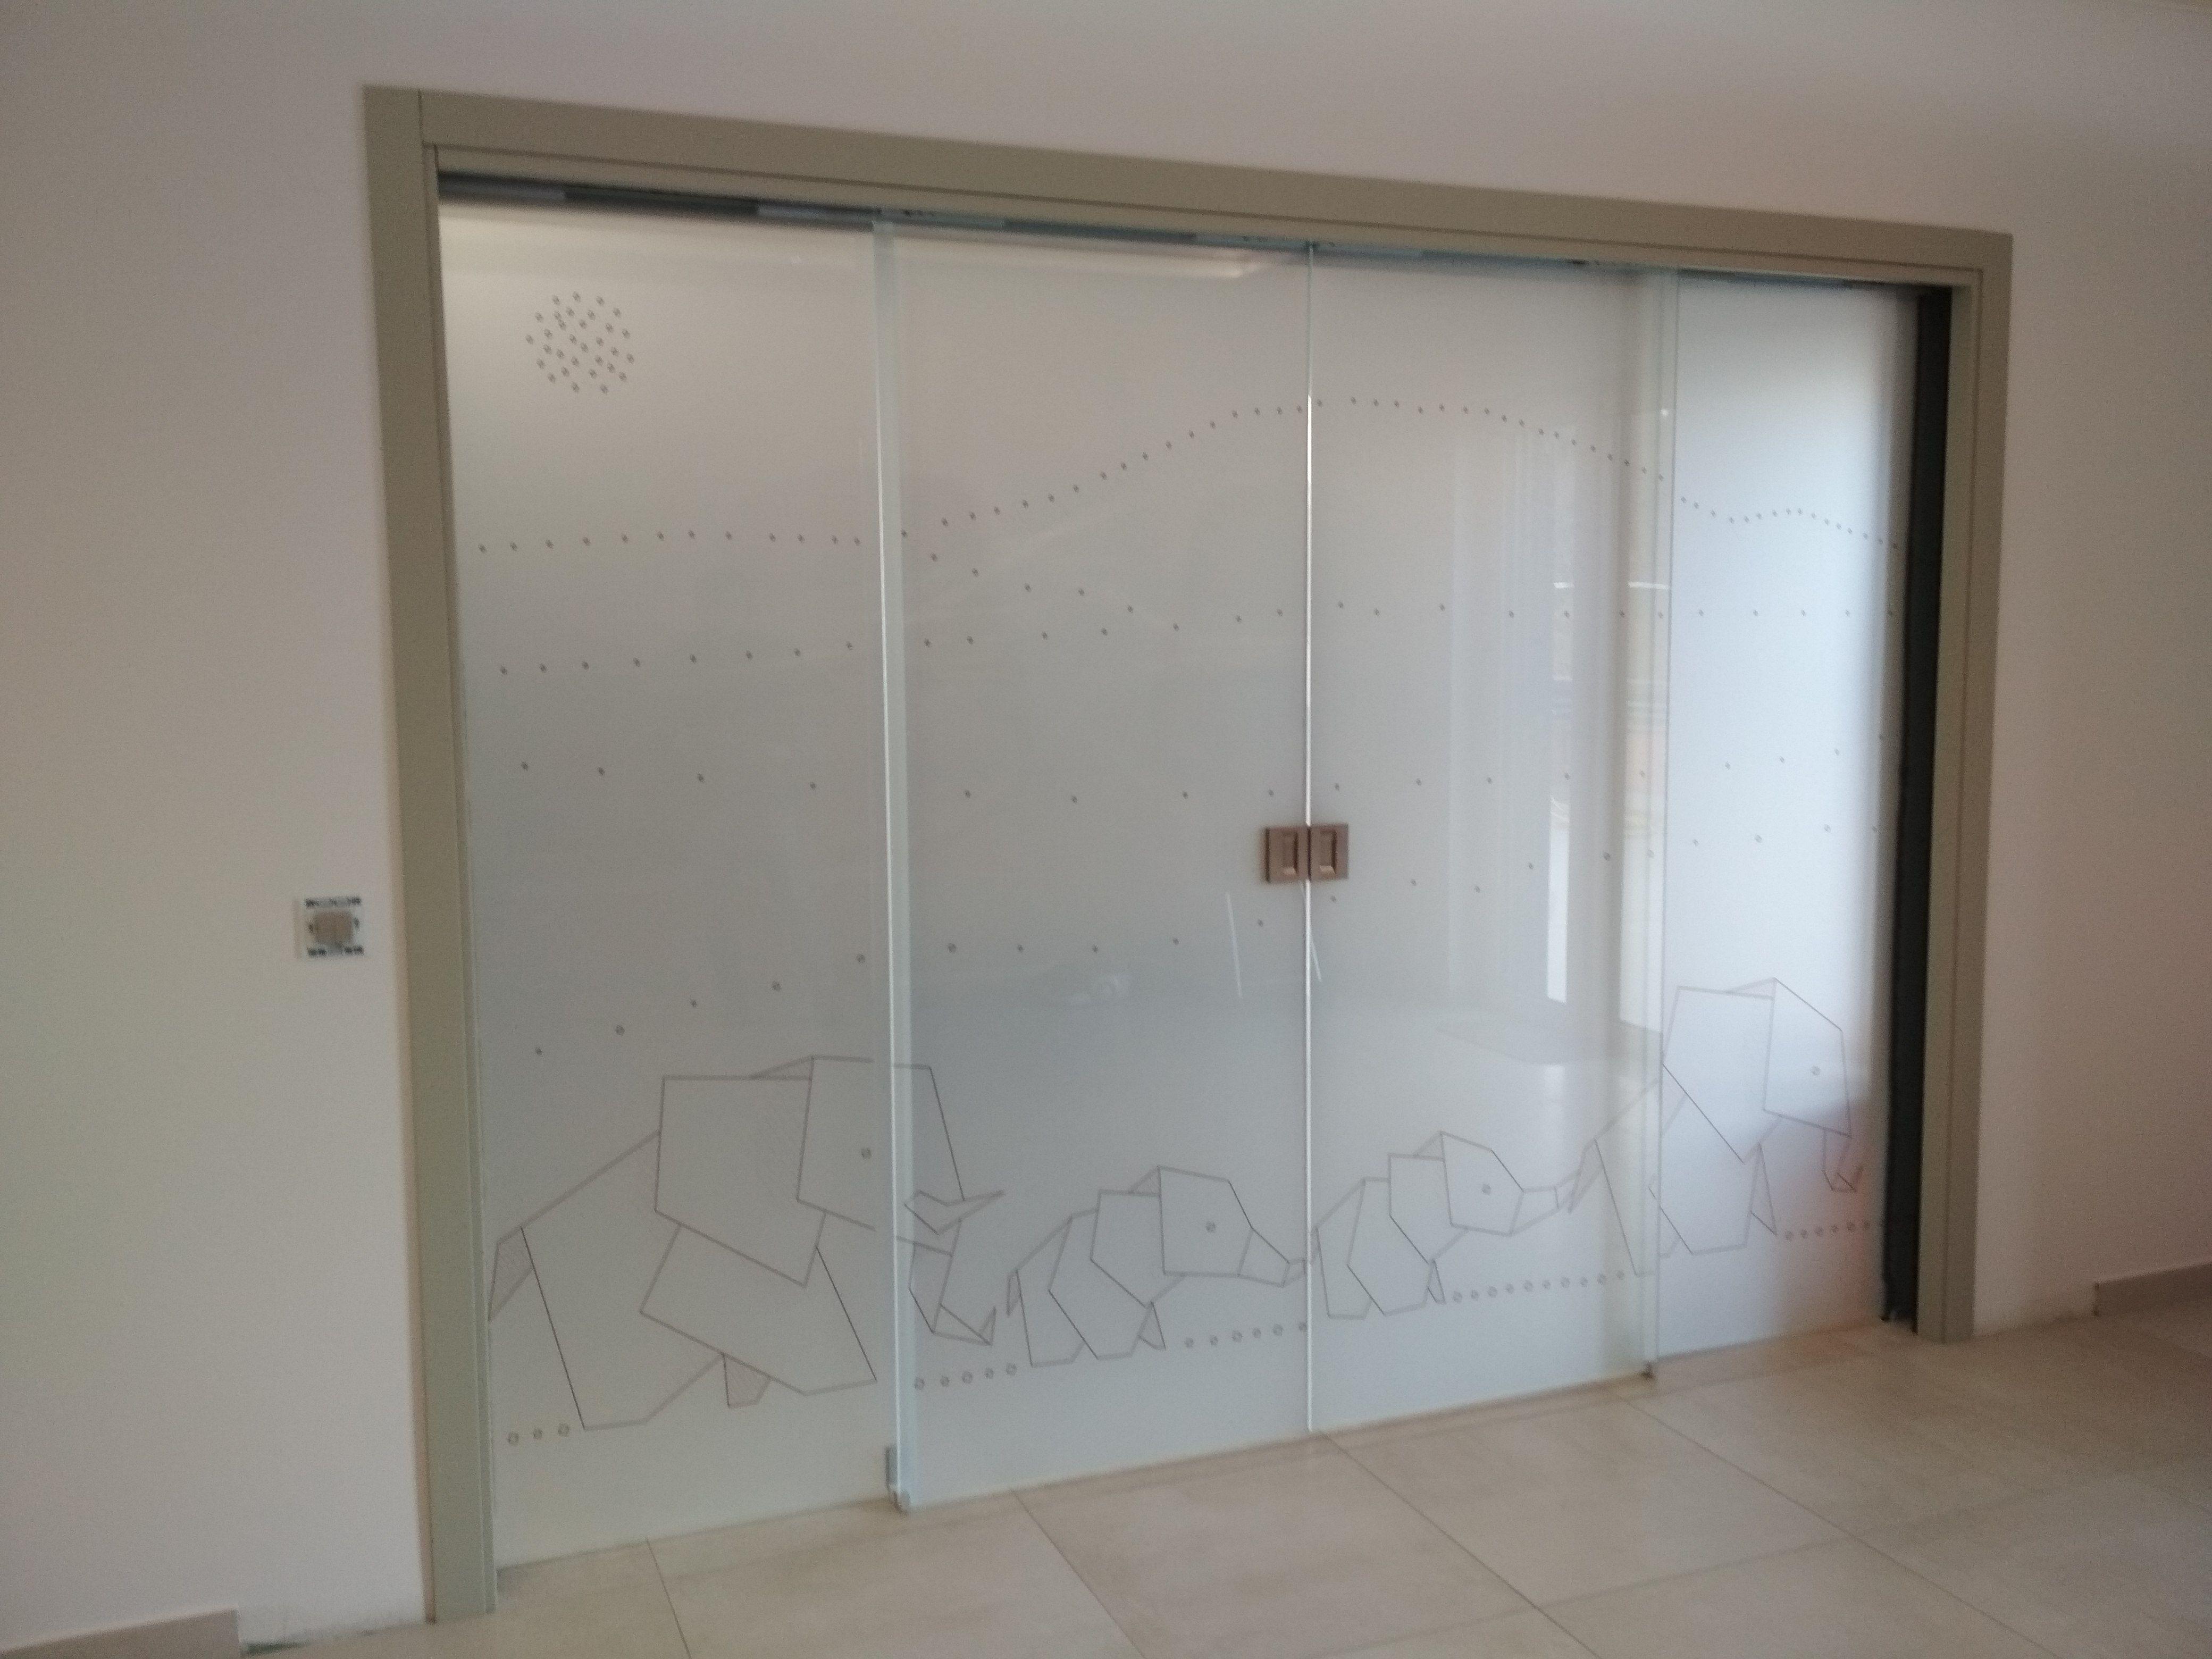 Klein Rolmatic Glass Doors - Doorshardware - Pinterest - Glass